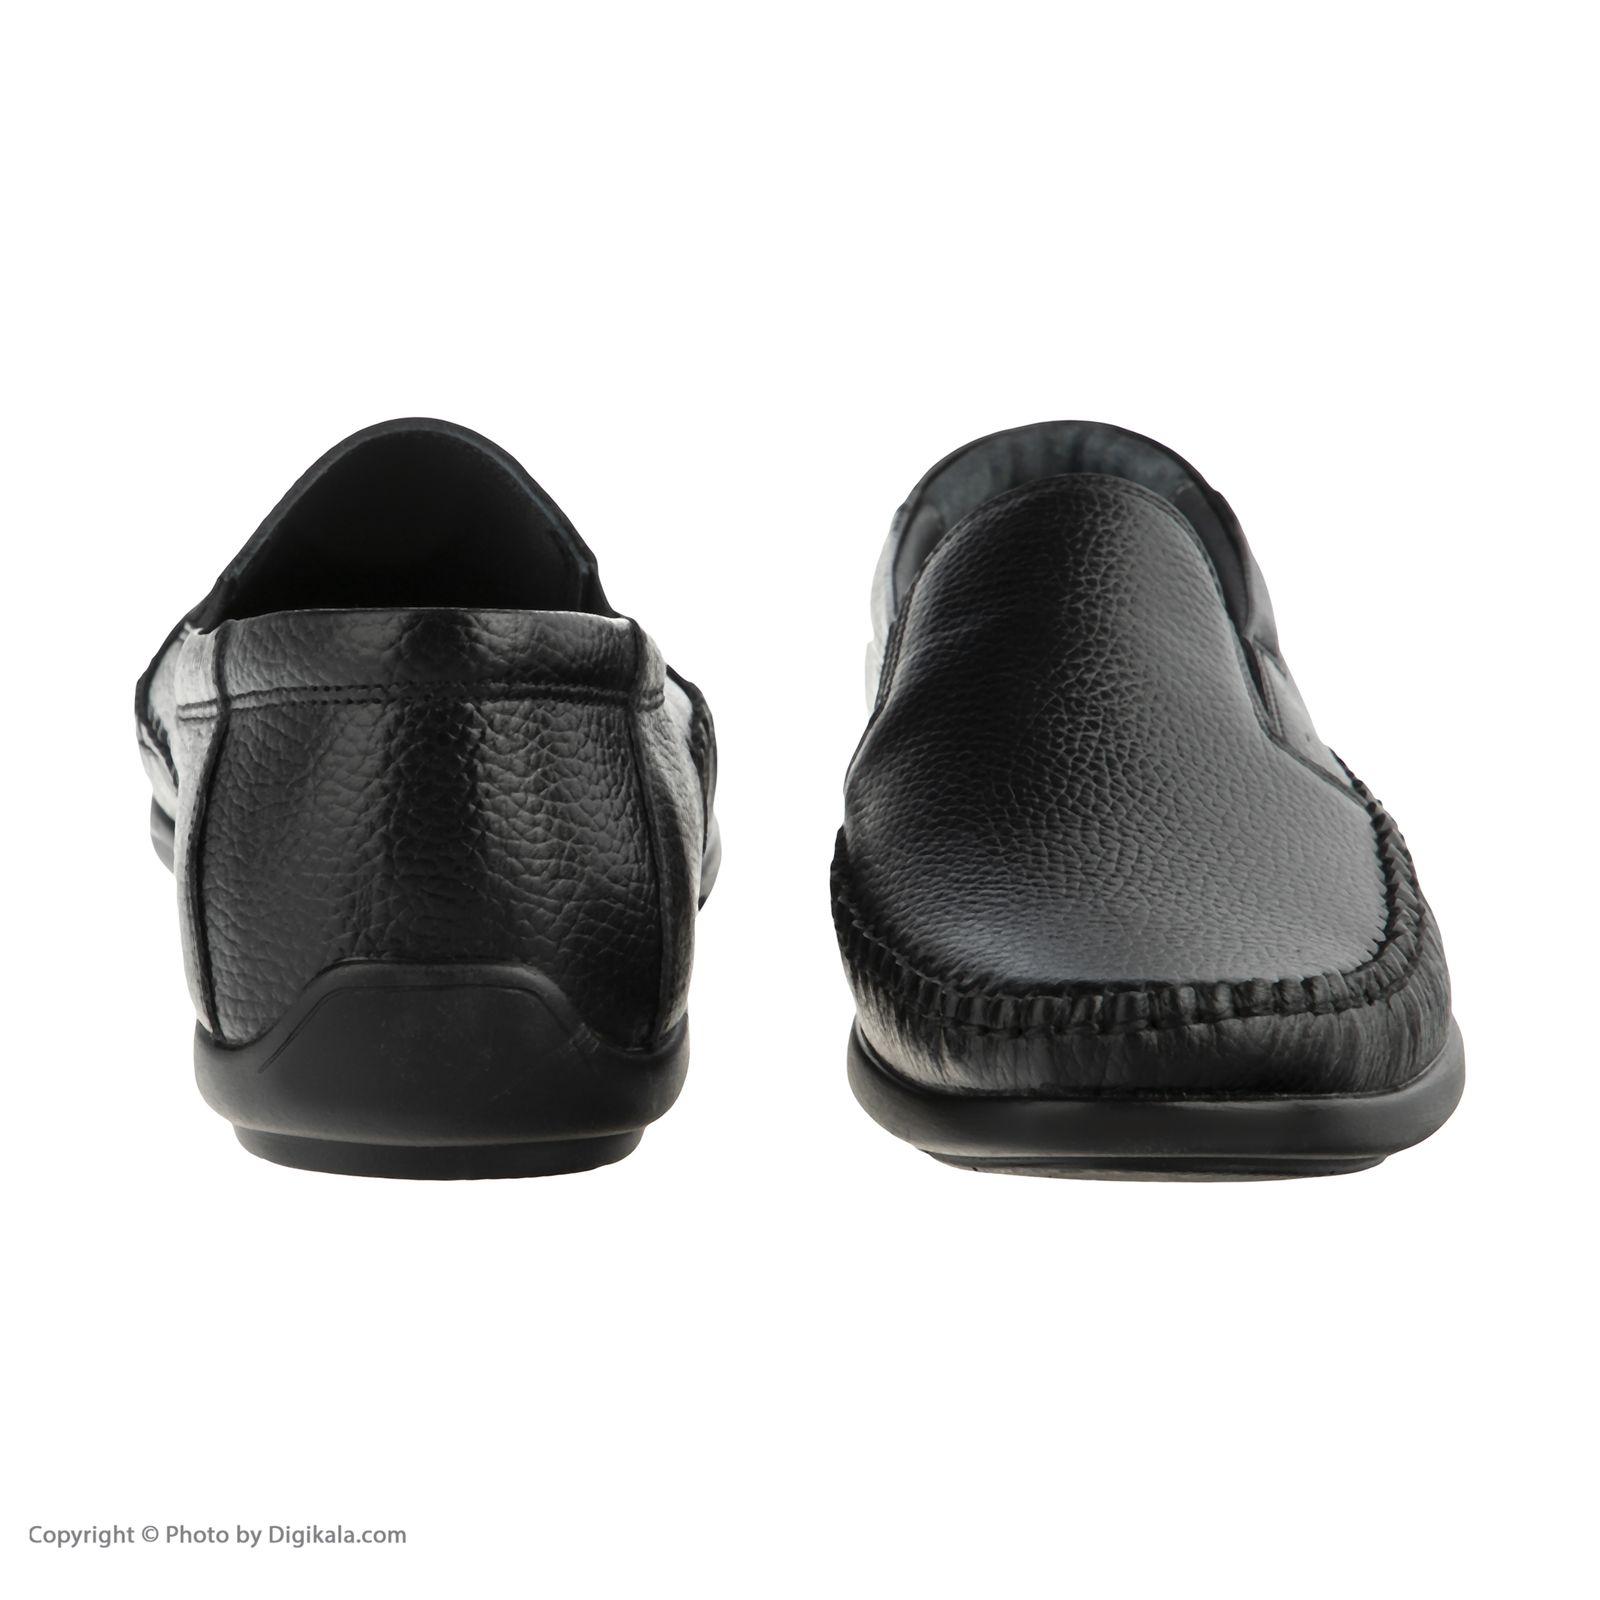 کفش روزمره مردانه سوته مدل 5000B503101 -  - 5